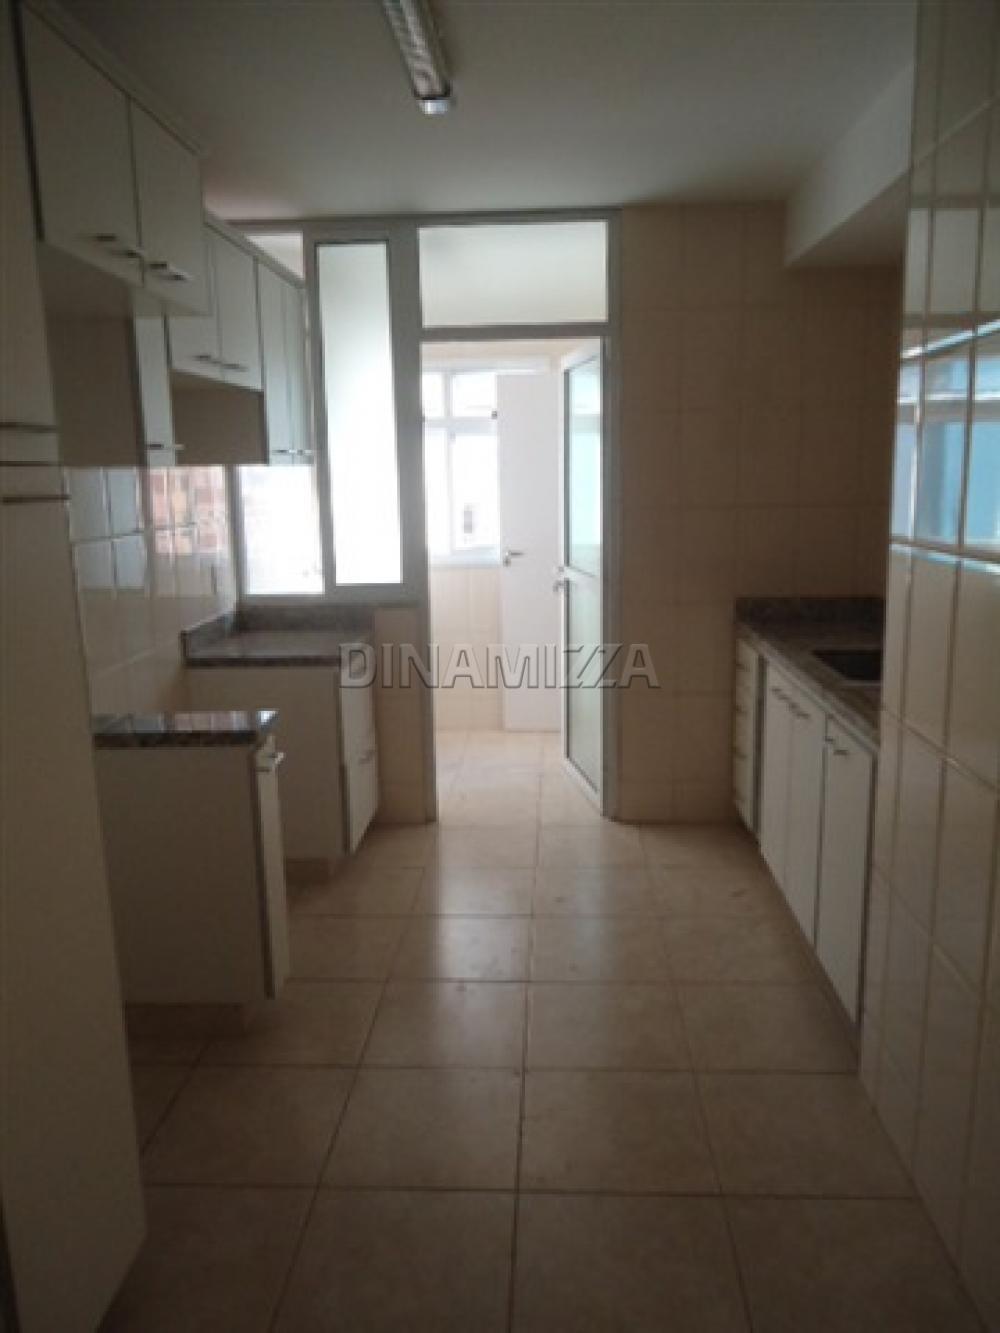 Alugar Apartamento / Padrão em Uberaba apenas R$ 1.200,00 - Foto 9